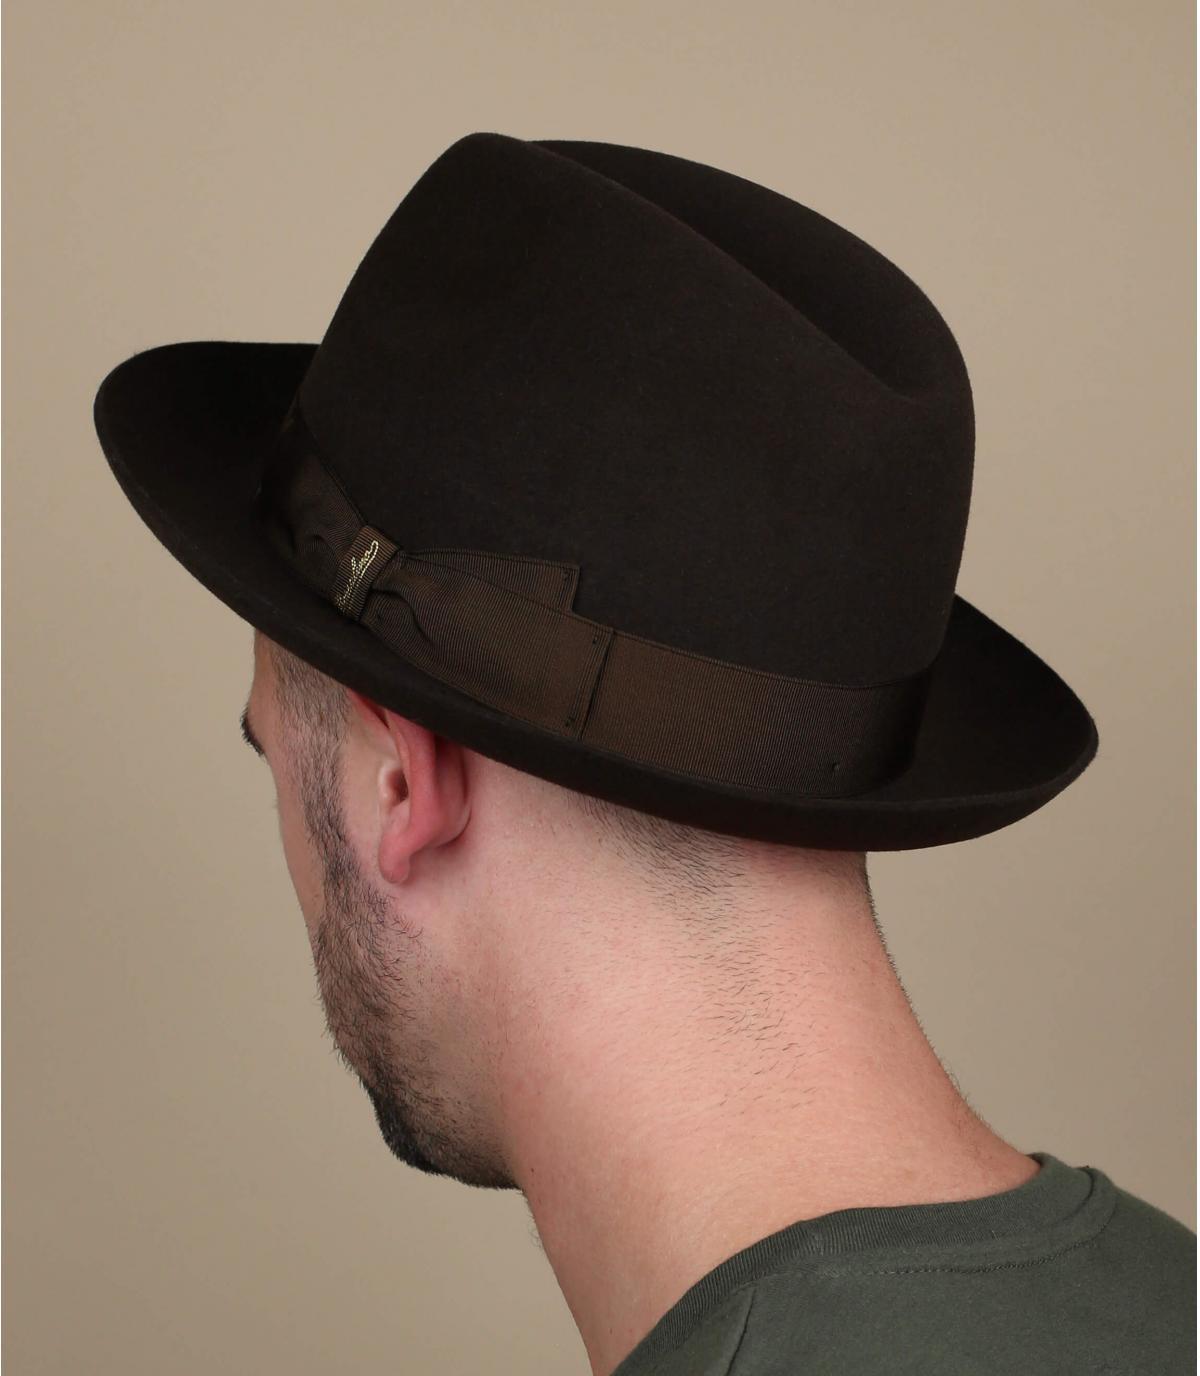 Beige wide brim hat